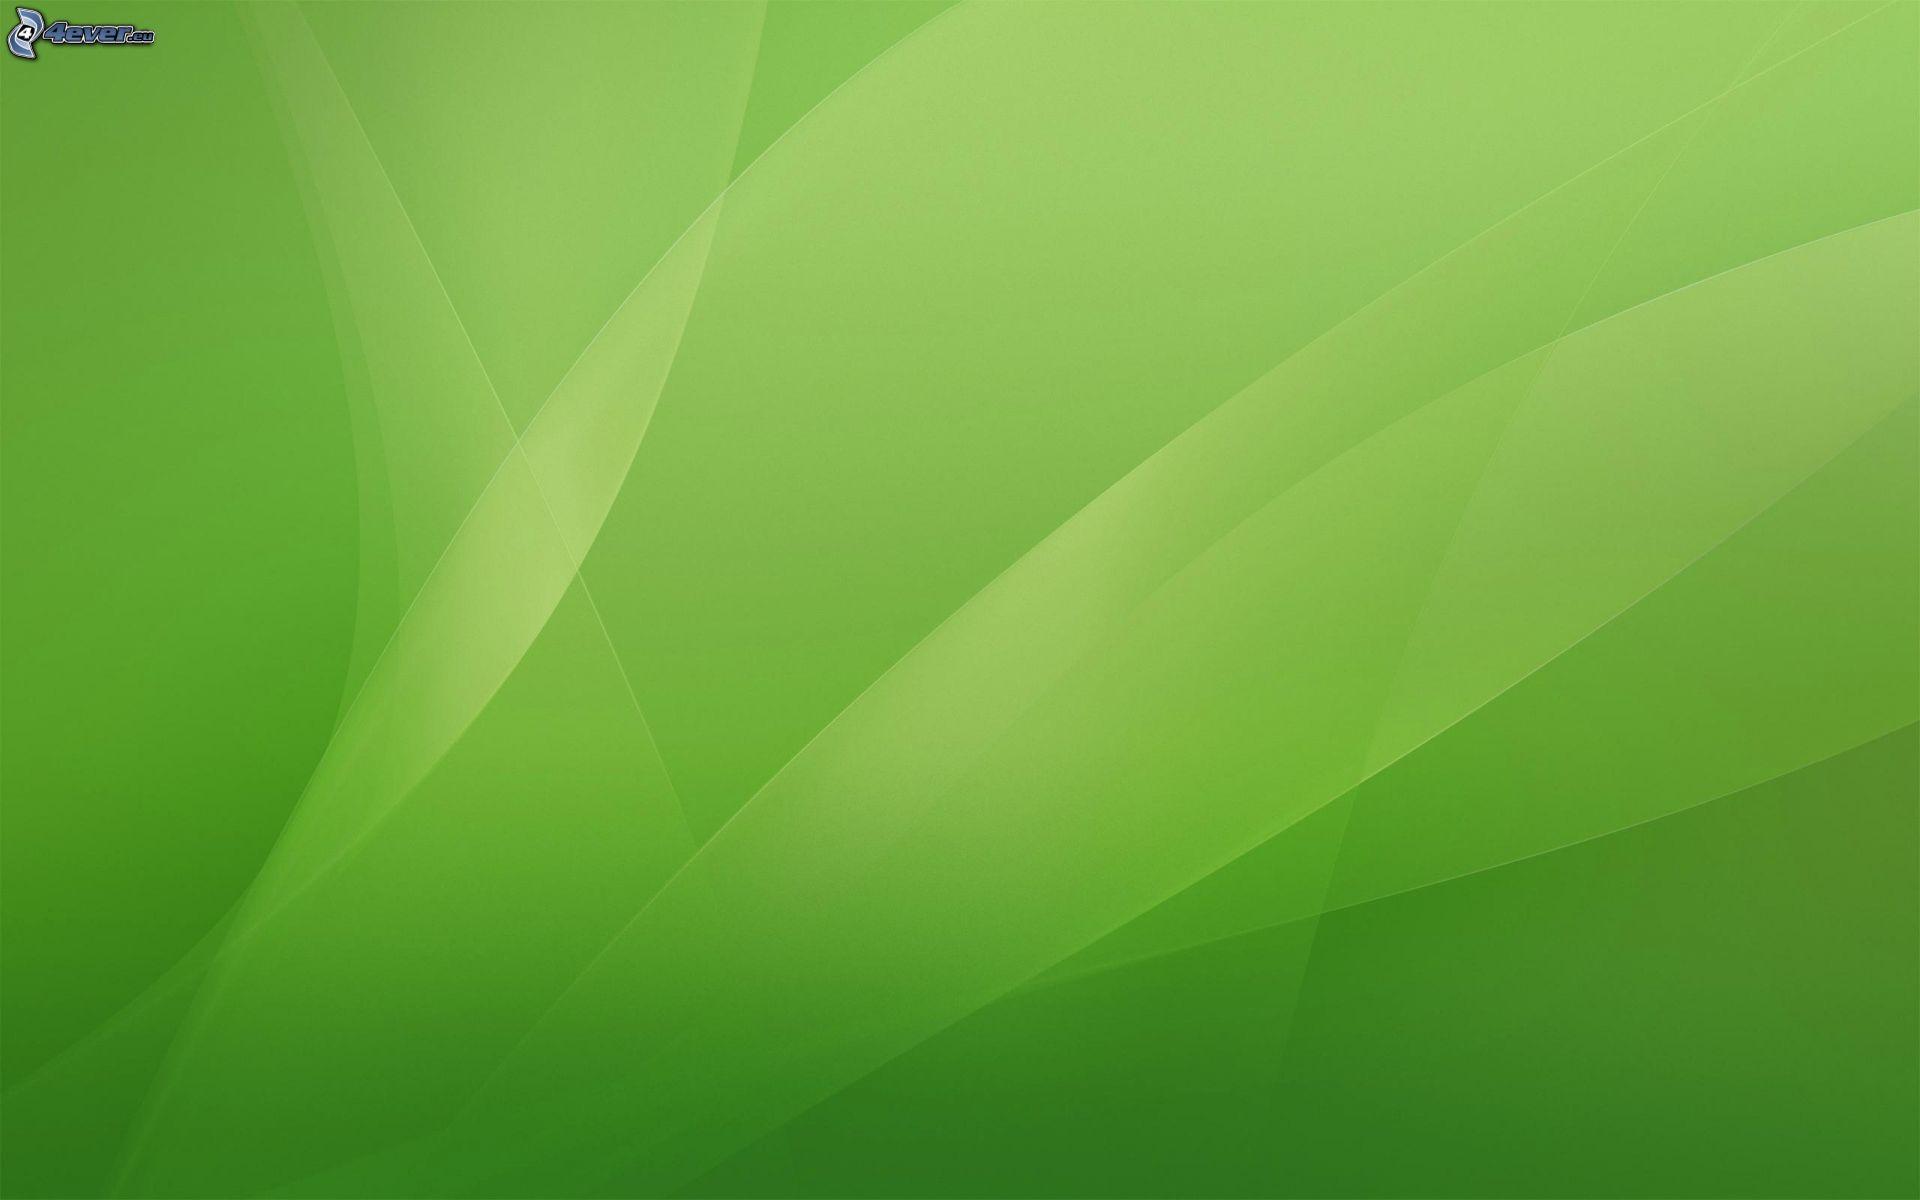 download Развитие дефектов при конечных деформациях. Компьютерное